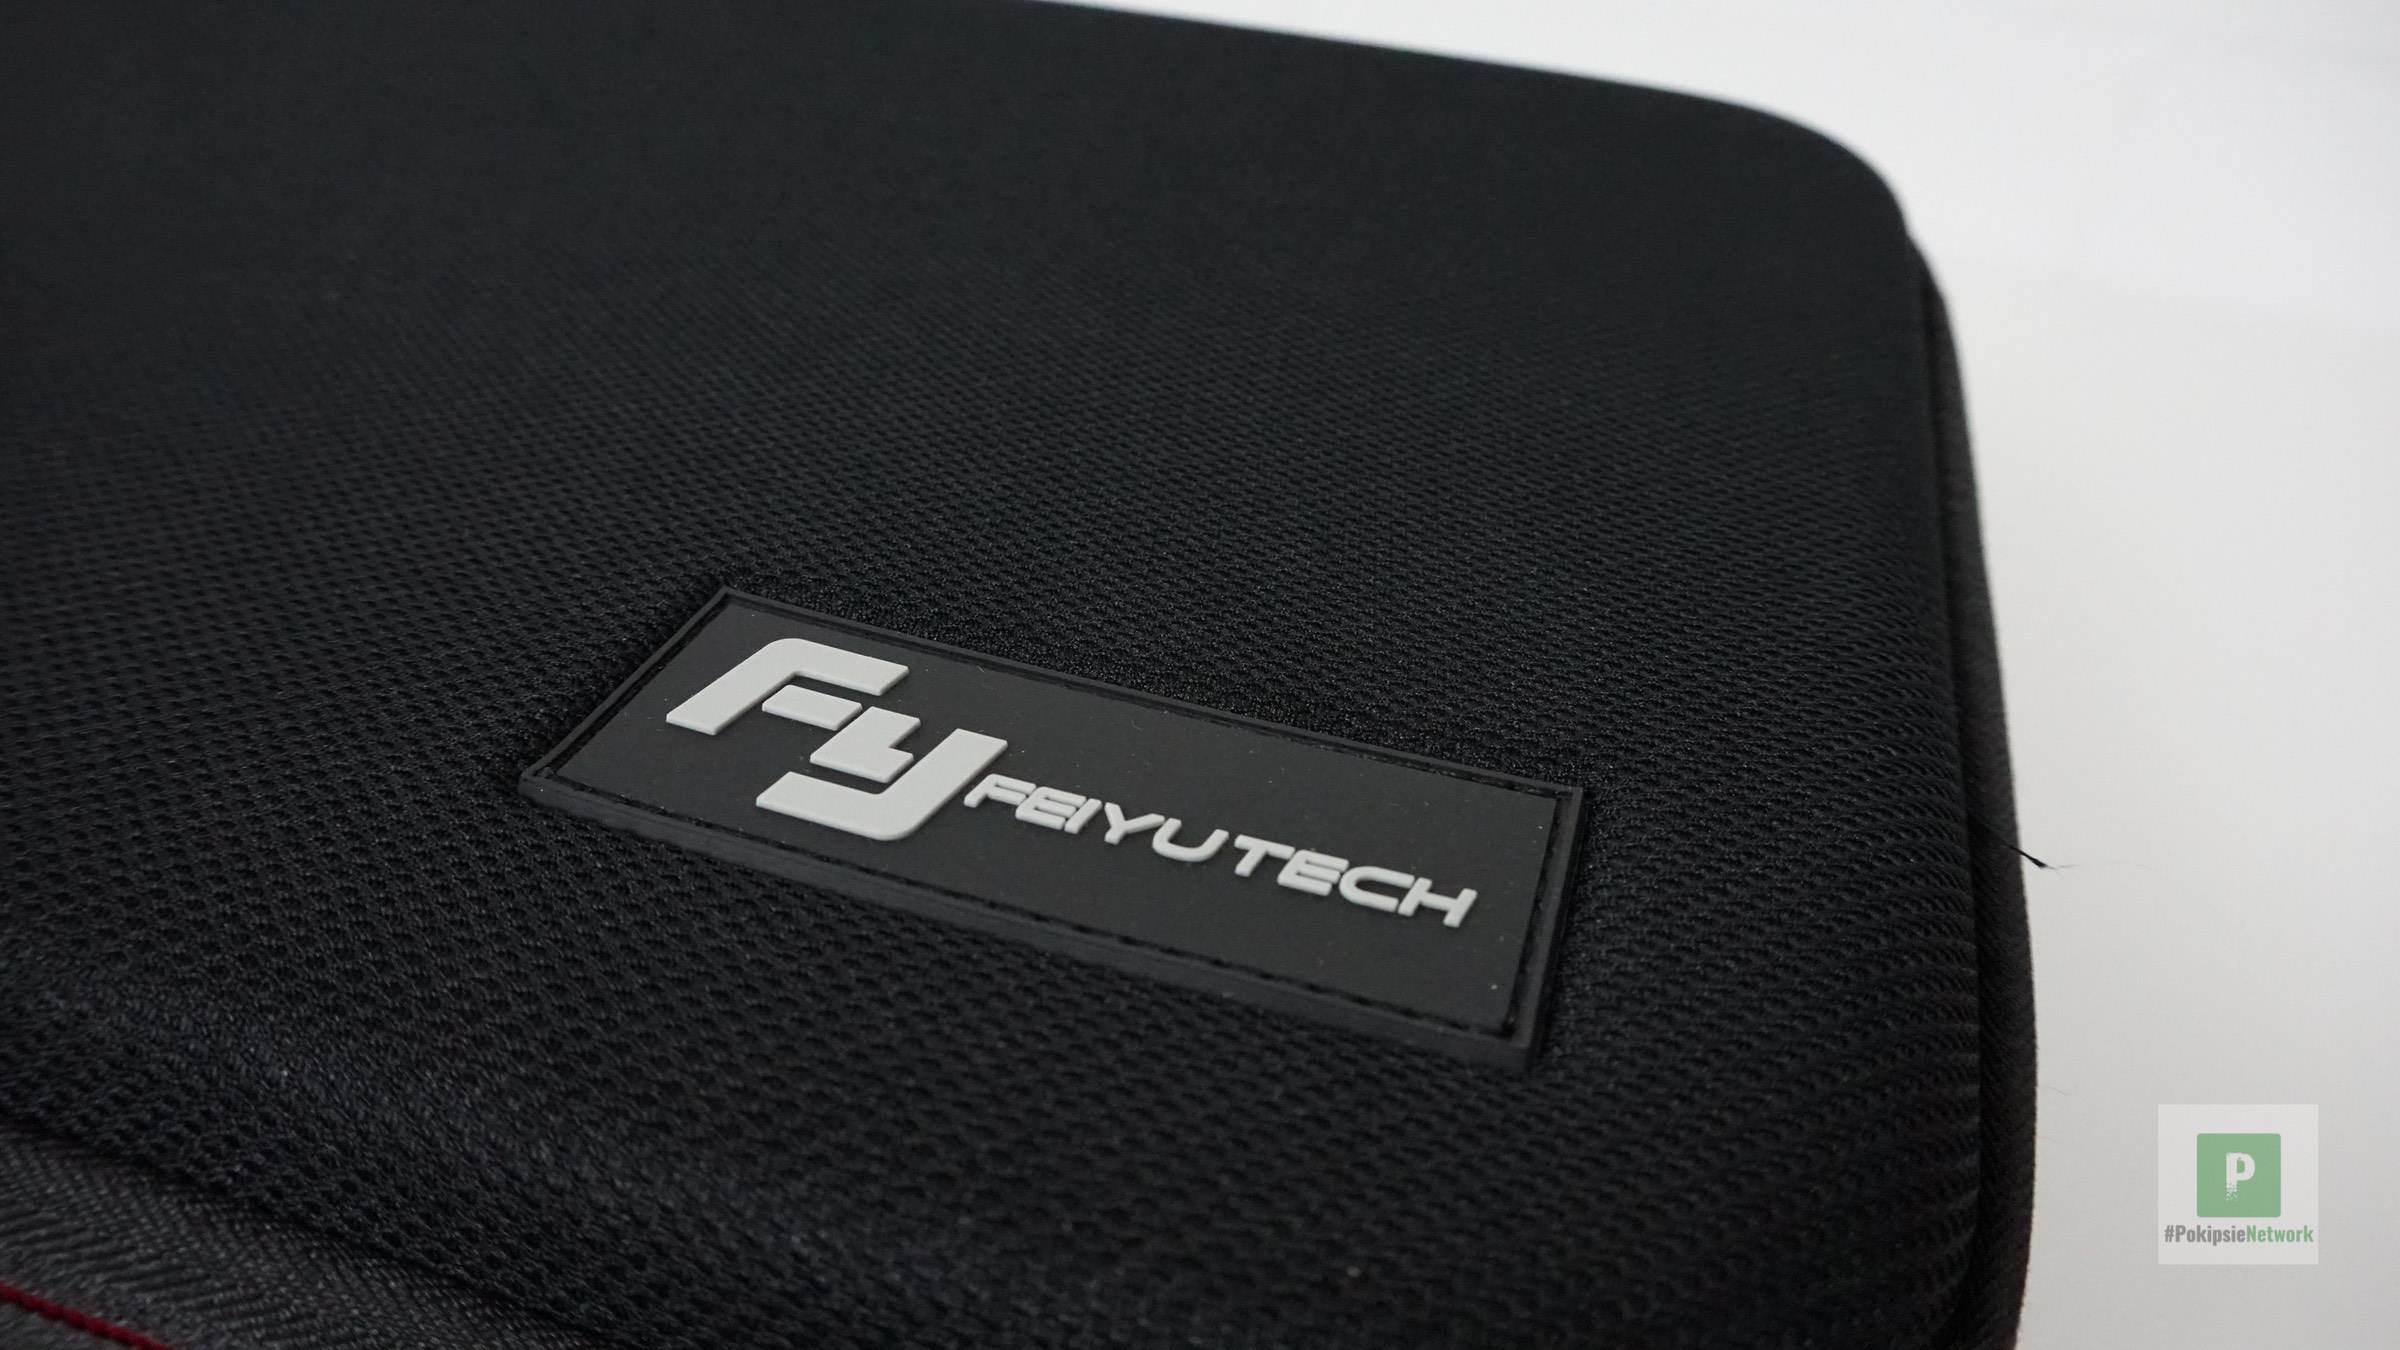 Der FeiyuTech Brand auf dem Deckel